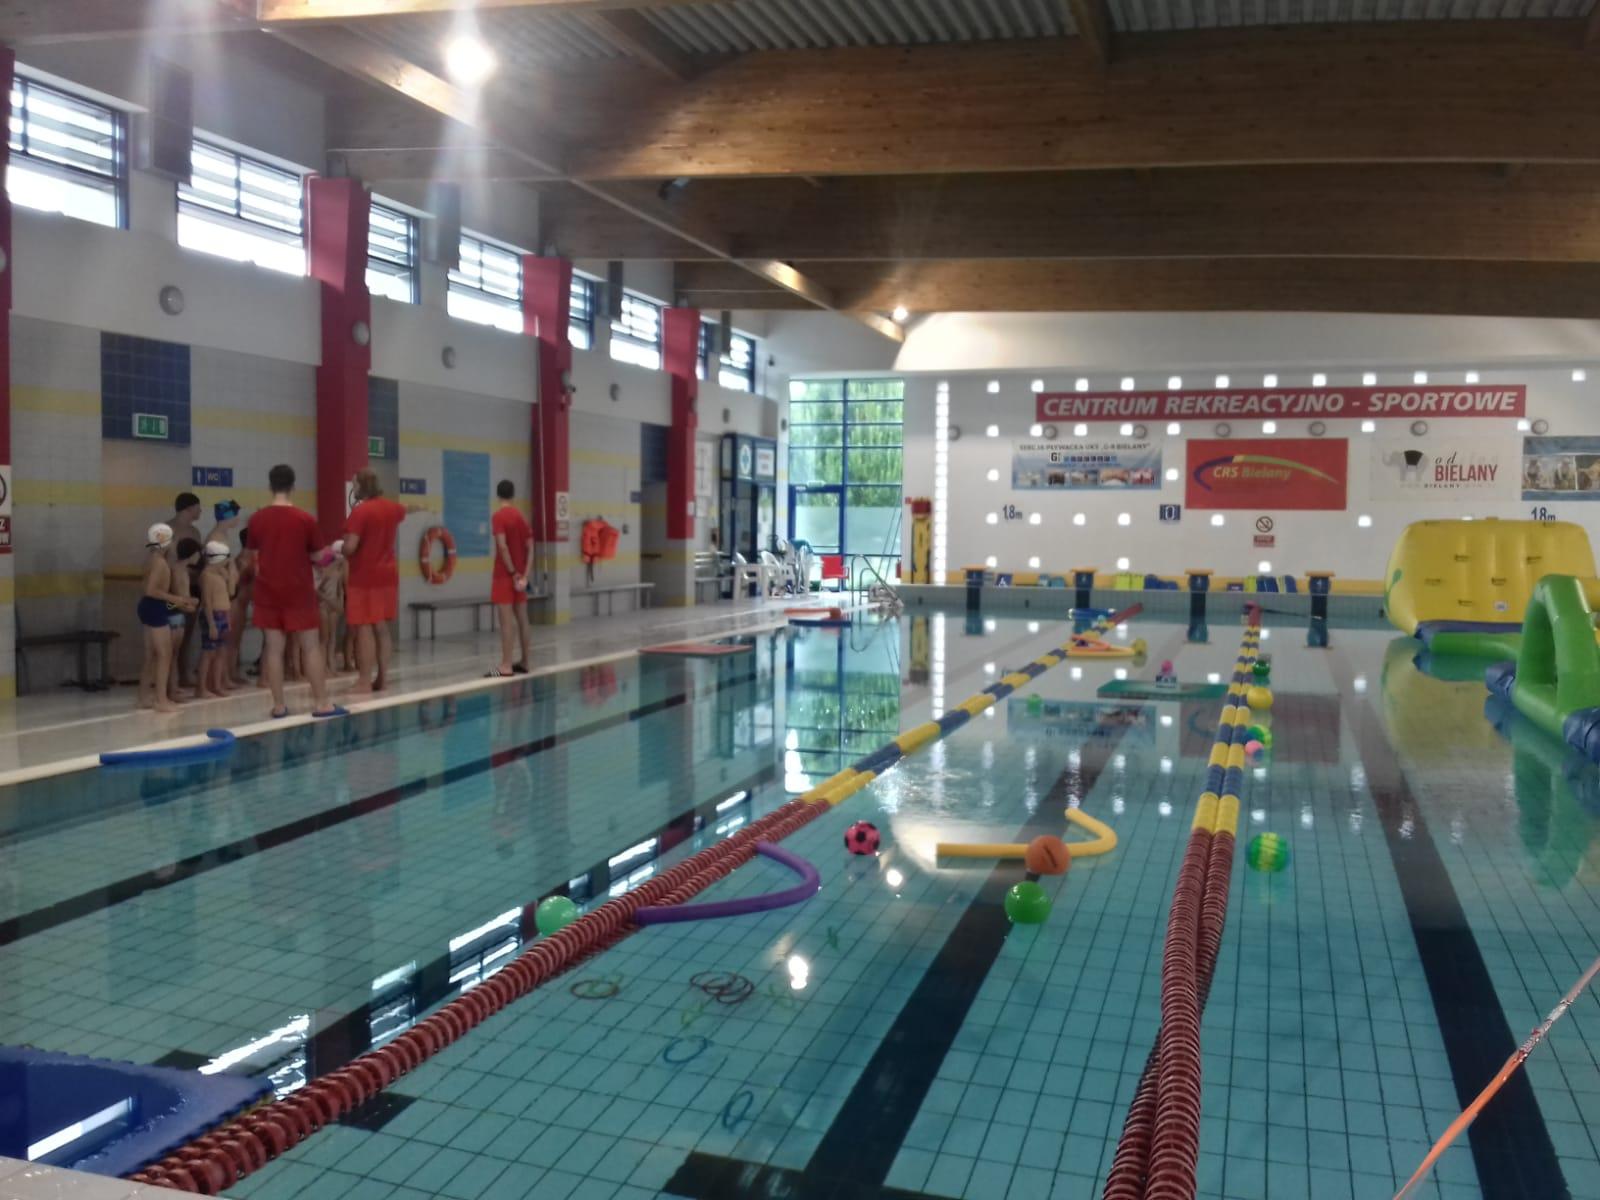 Grupa dzieci na pływalni słucha pogadanki na temat bezpieczeństwa.